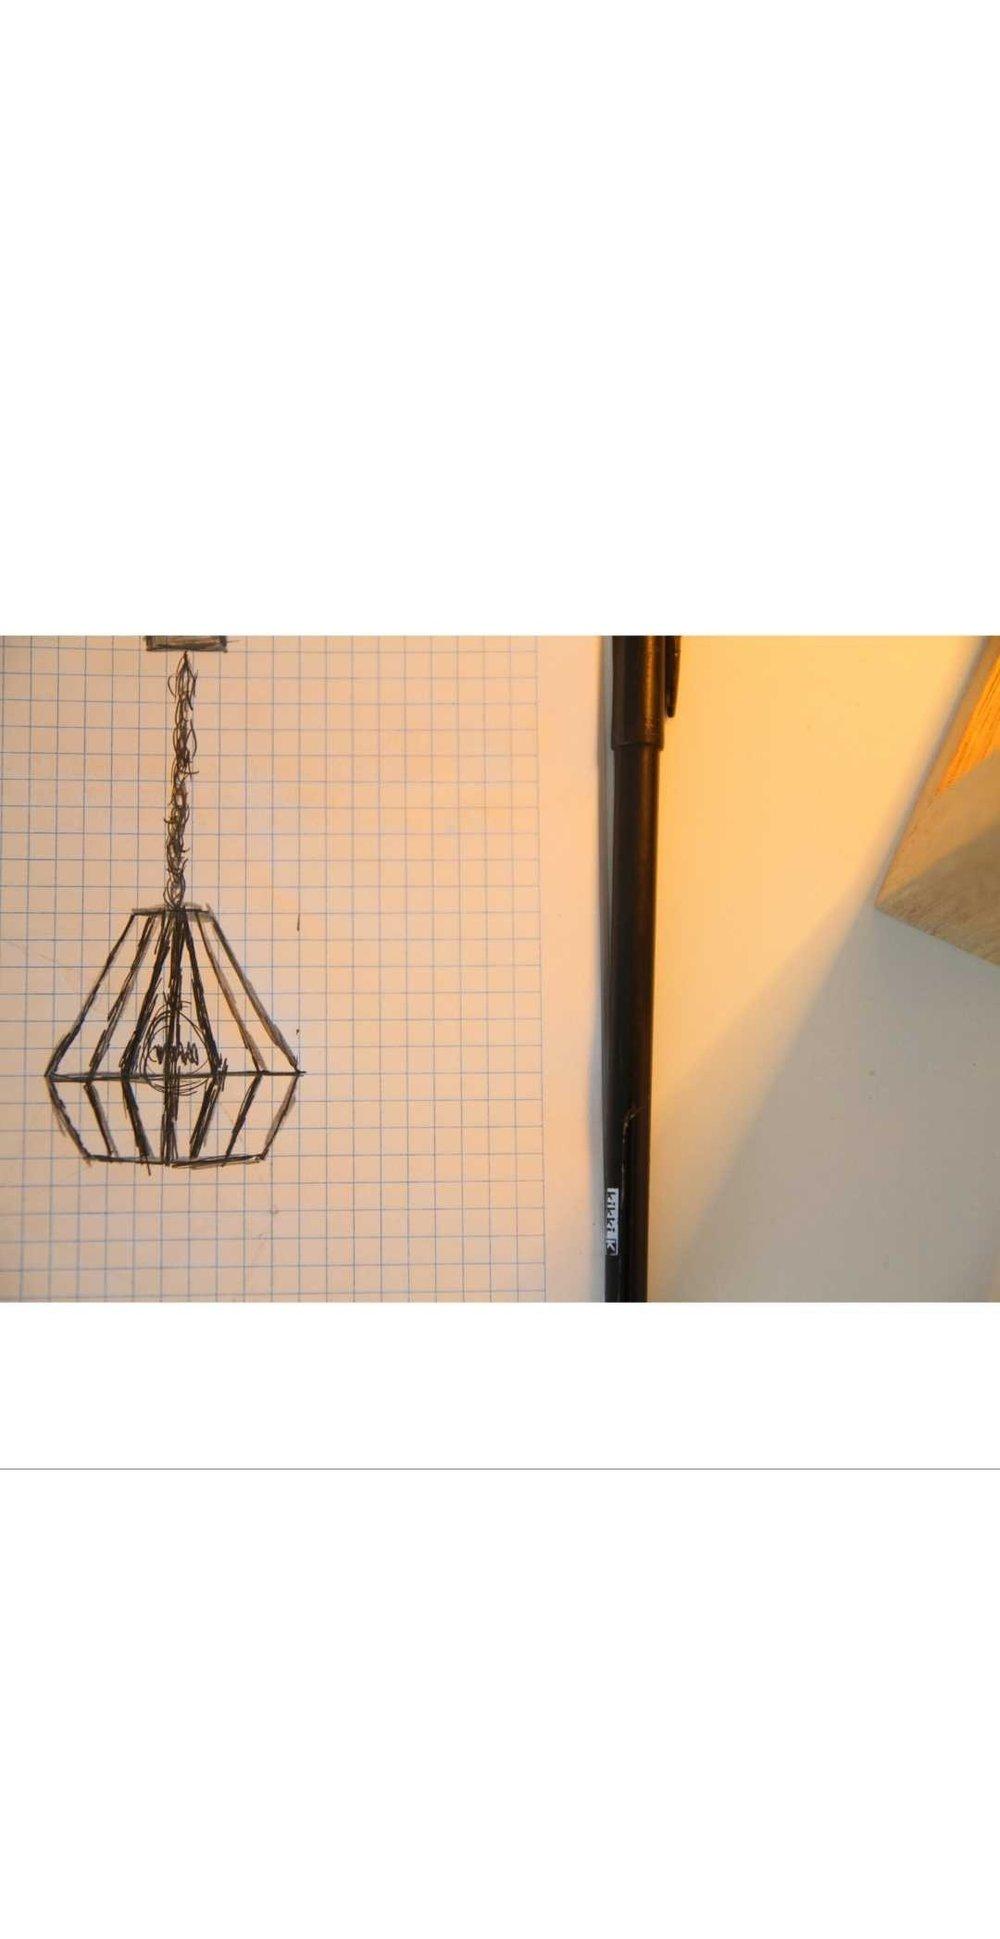 1st Design / The Jewel